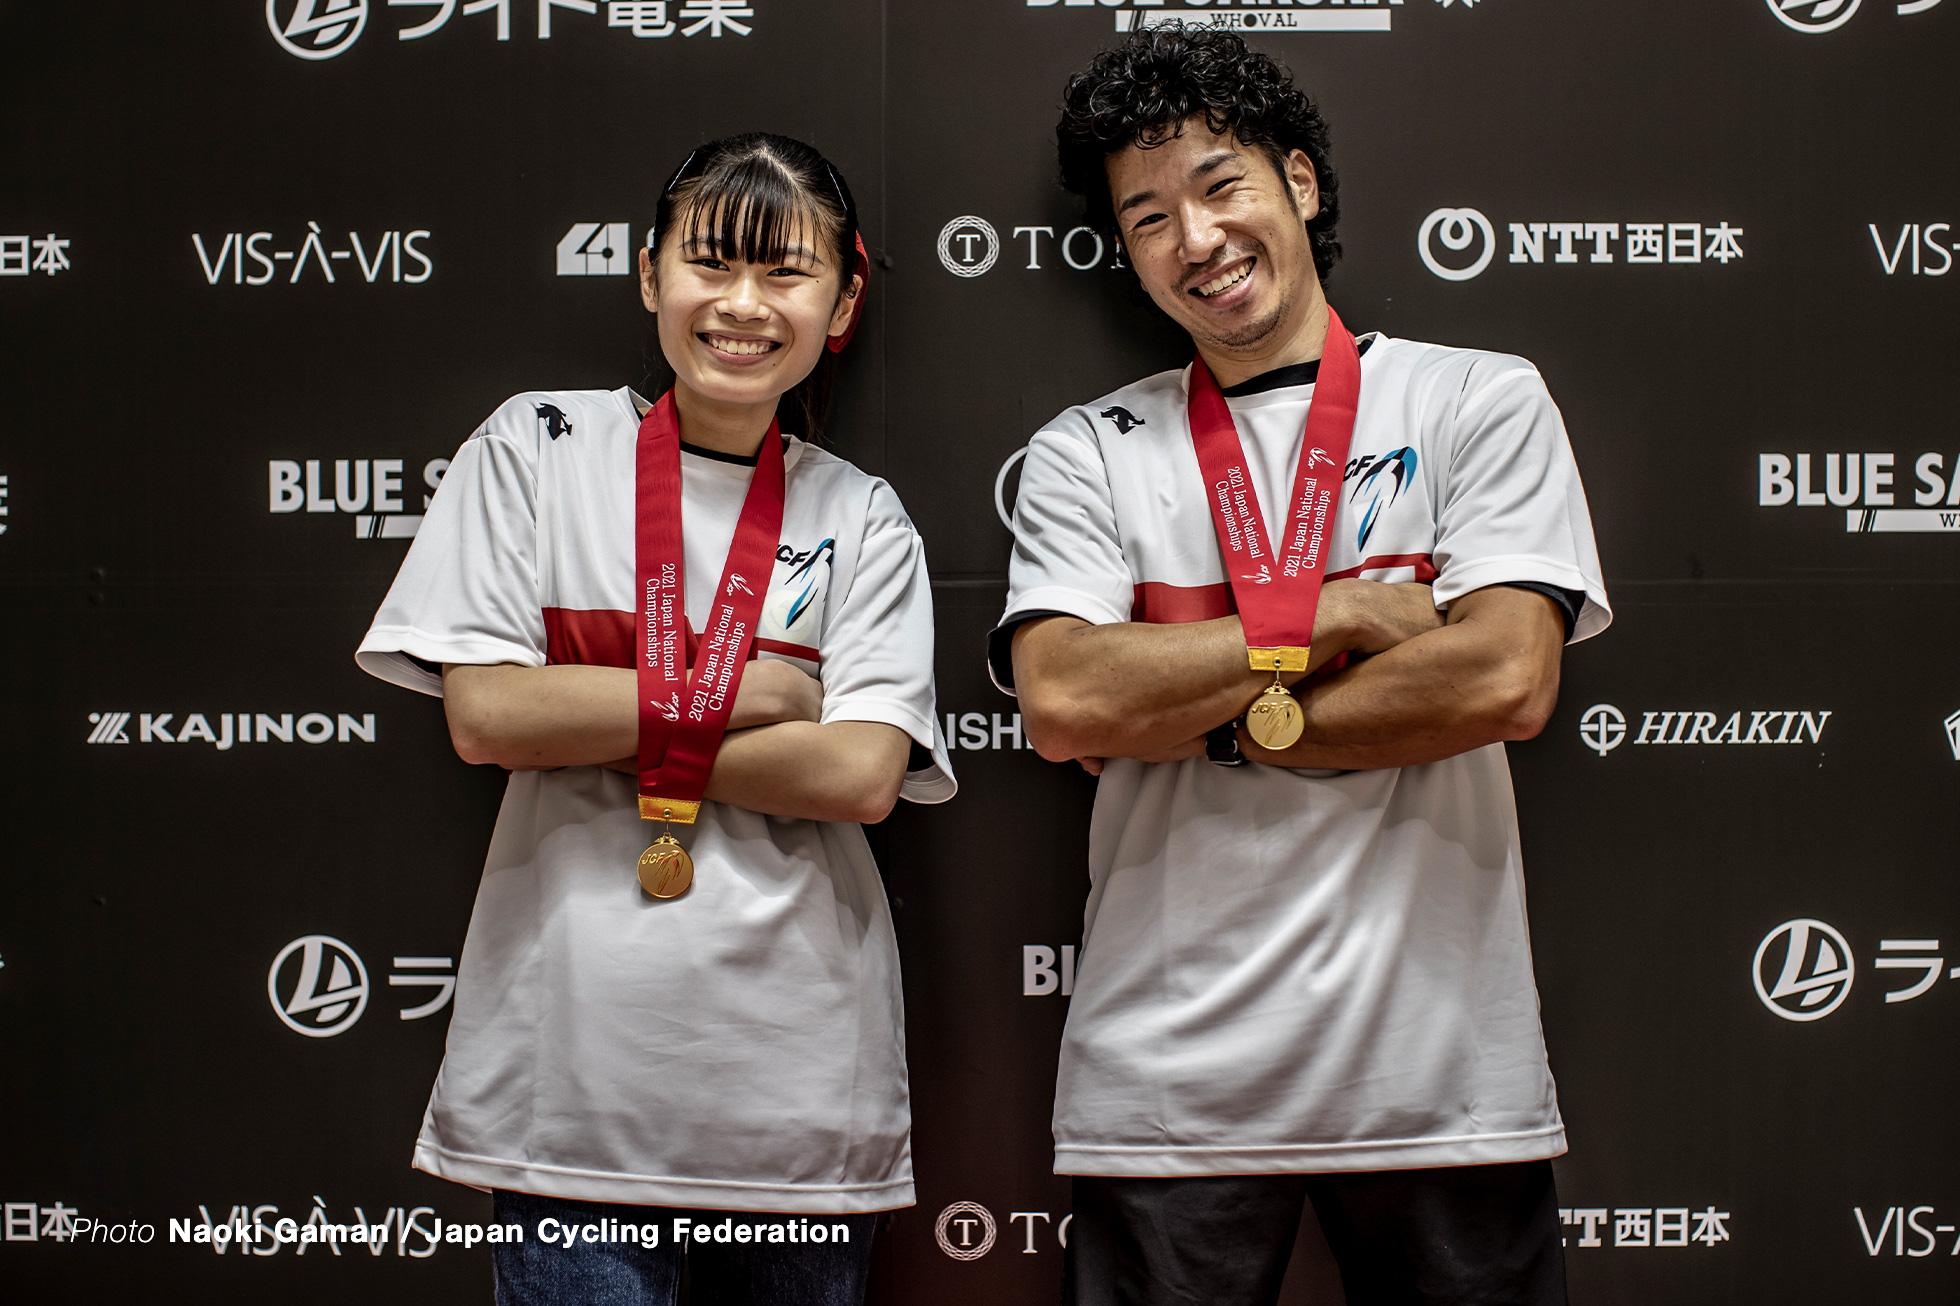 佐々⽊元 中川きらら 第5回全日本BMXフリースタイル選手権フラットランド